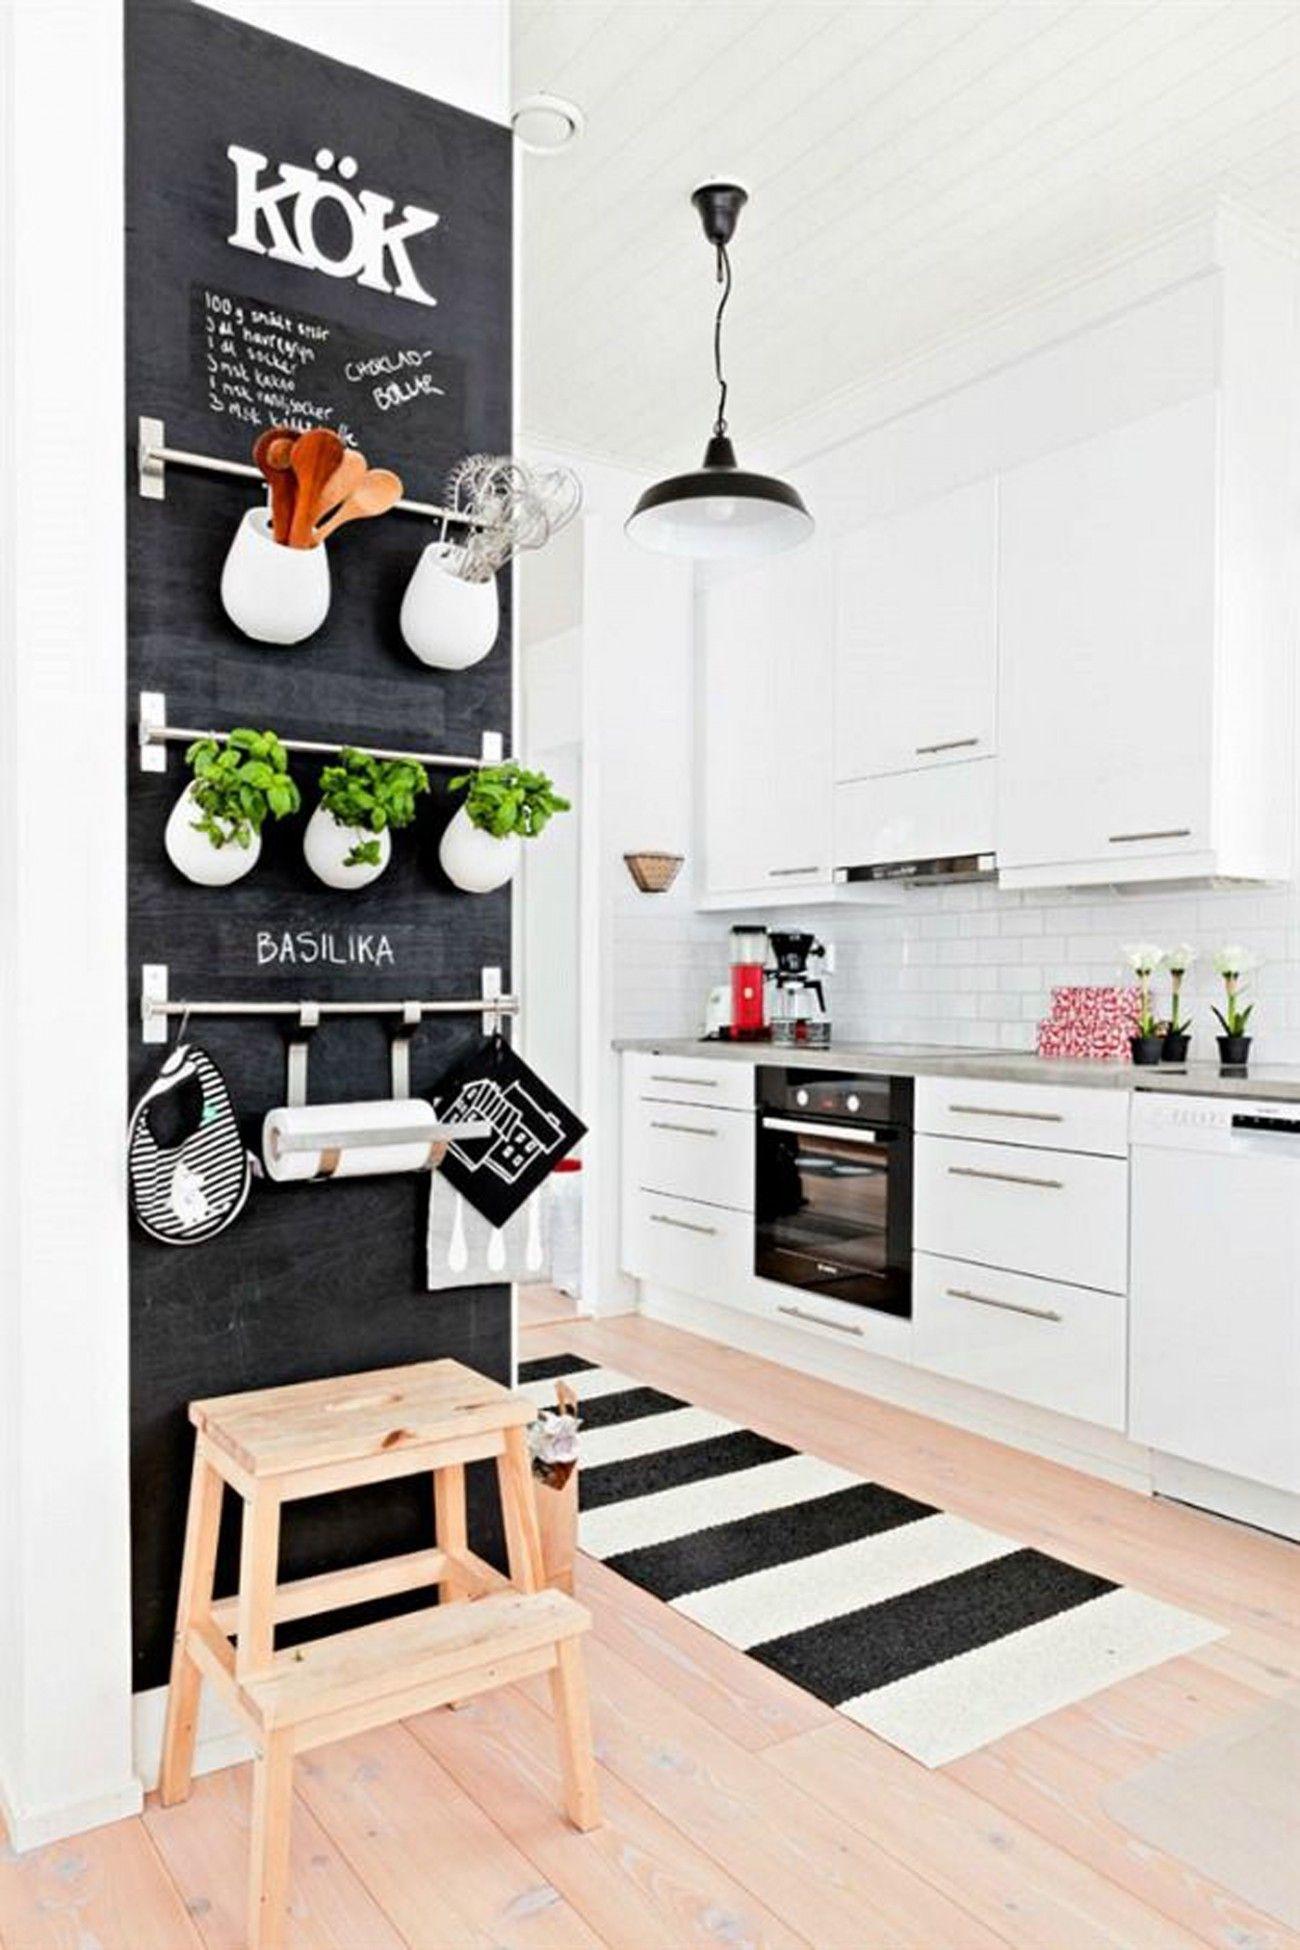 noch so eine coole tafel wand in der k che selber bauen. Black Bedroom Furniture Sets. Home Design Ideas